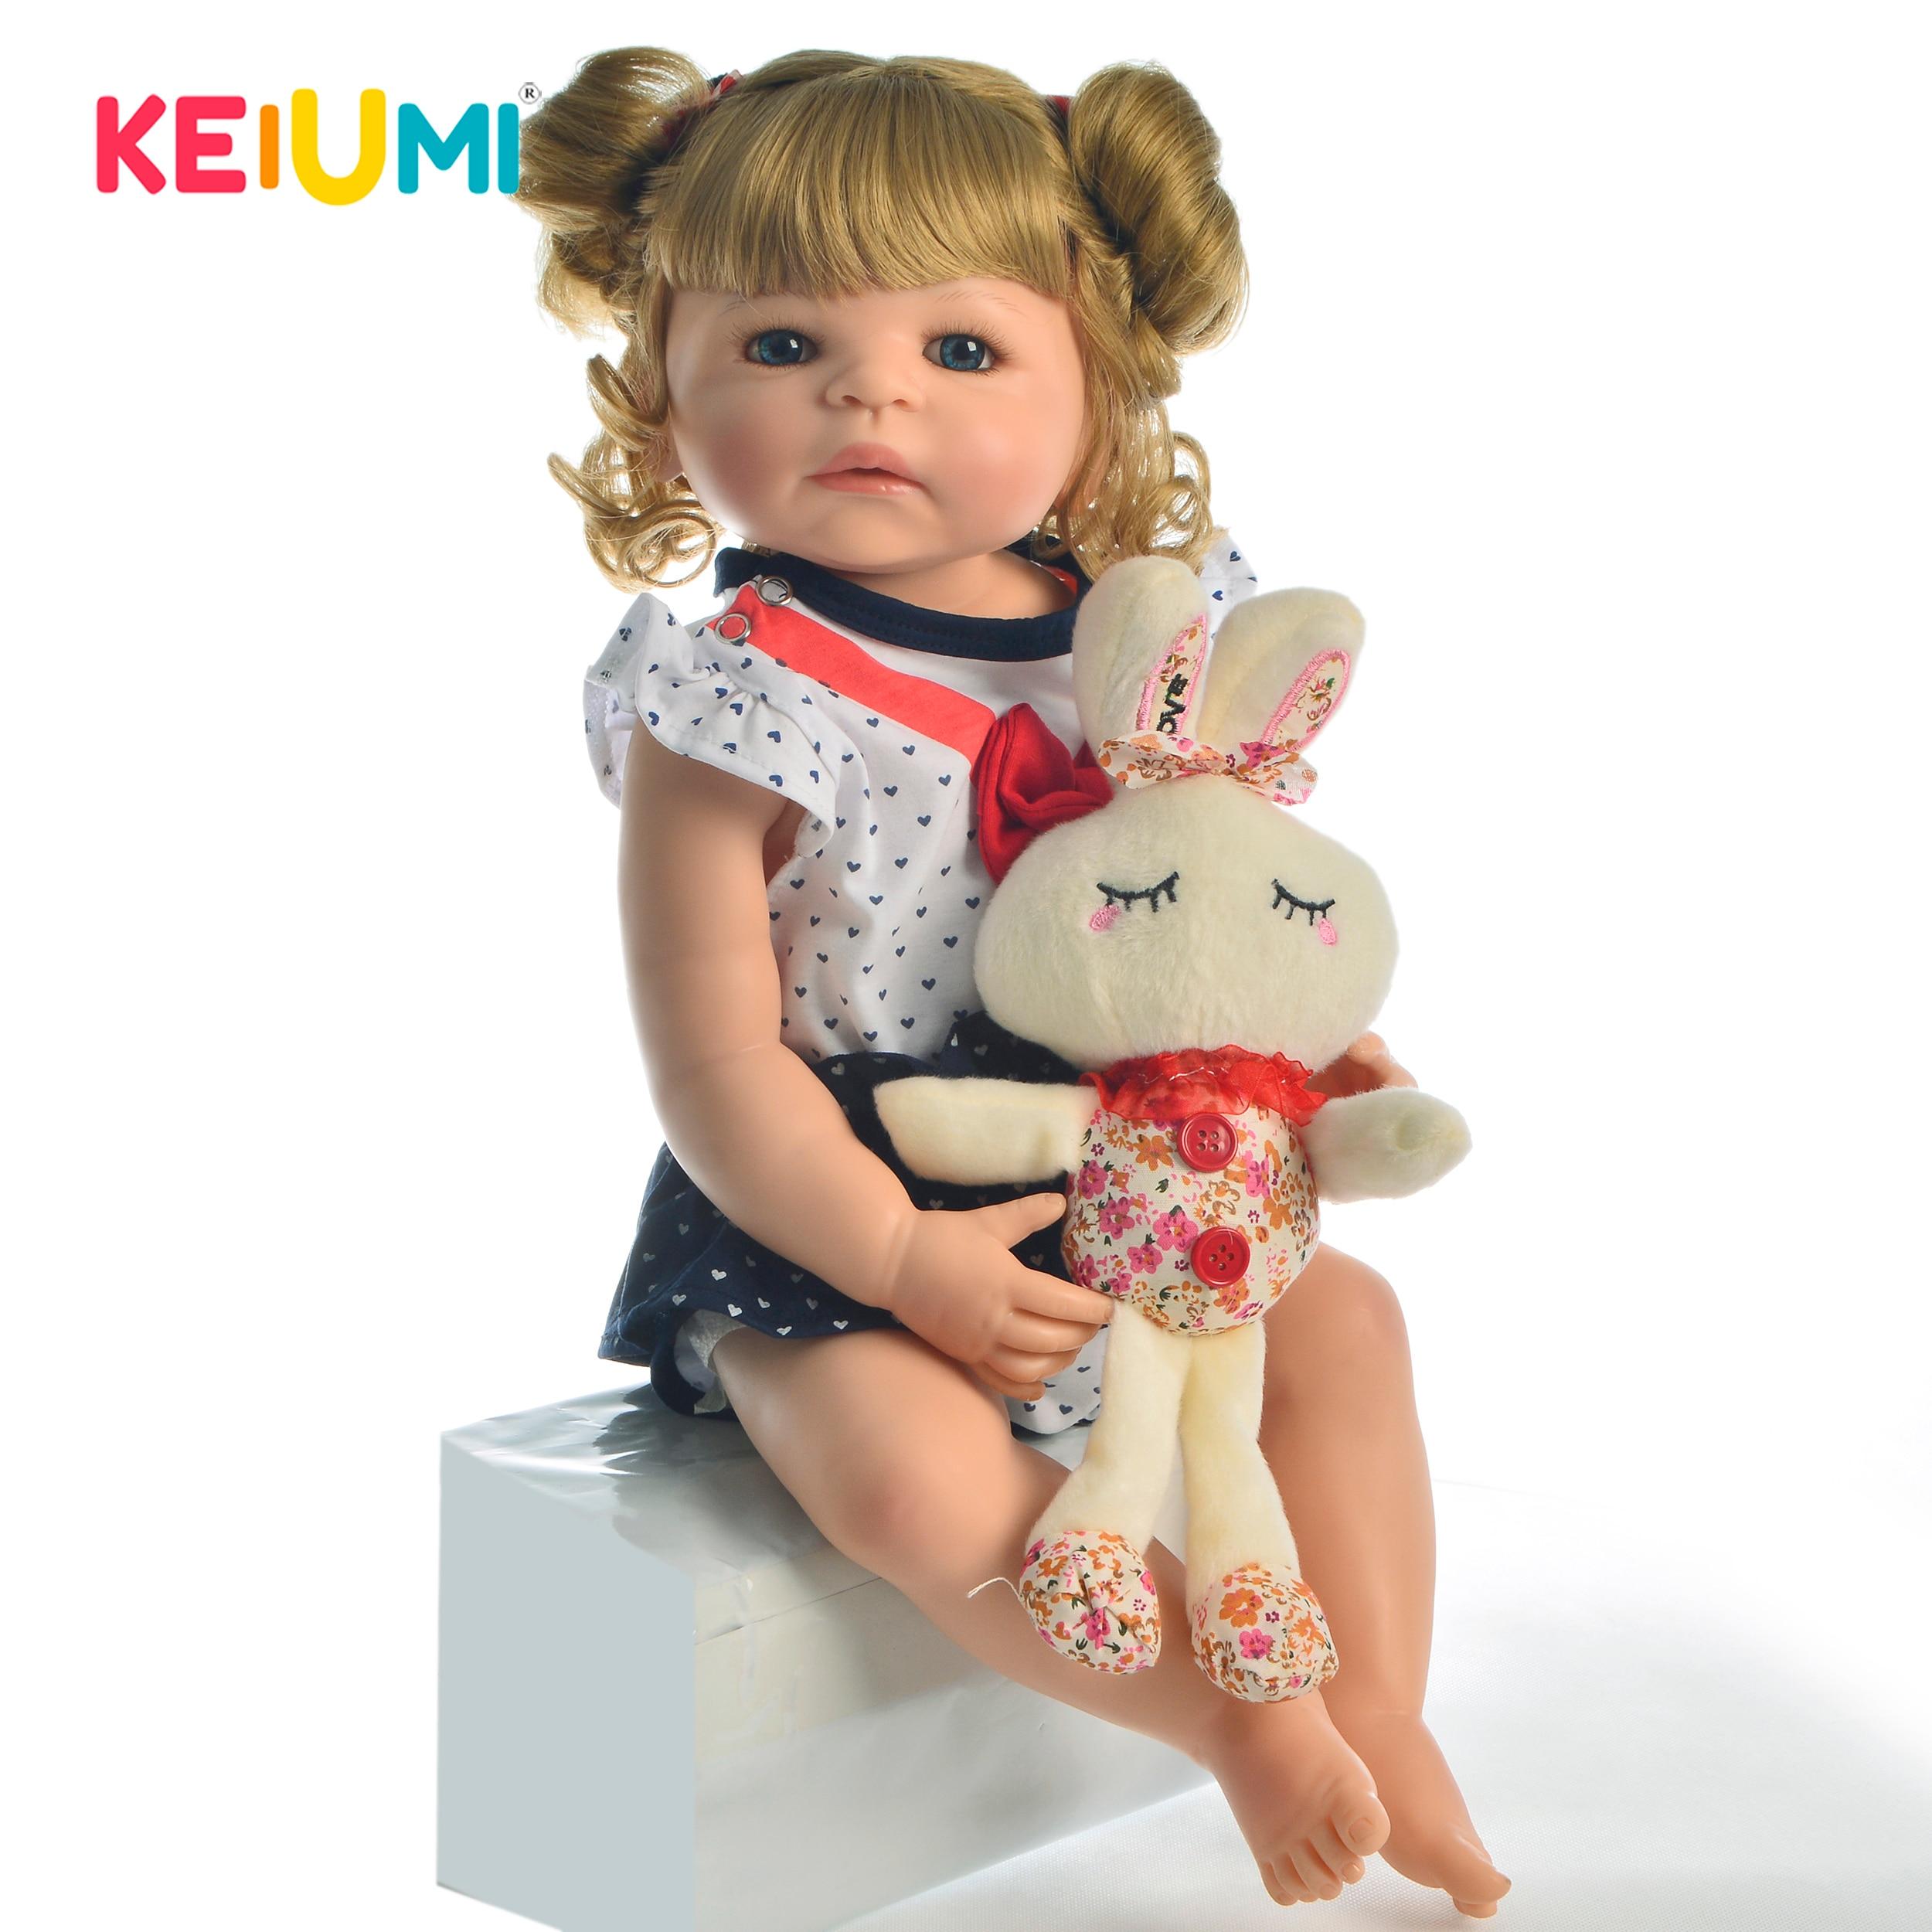 Keiumi 뜨거운 판매 현실적인 인형 인형 전체 실리콘 55 cm 진짜 찾고 가짜 아기 장난감 아이를위한 놀이 친구 선물 크리스마스 선물-에서인형부터 완구 & 취미 의  그룹 1